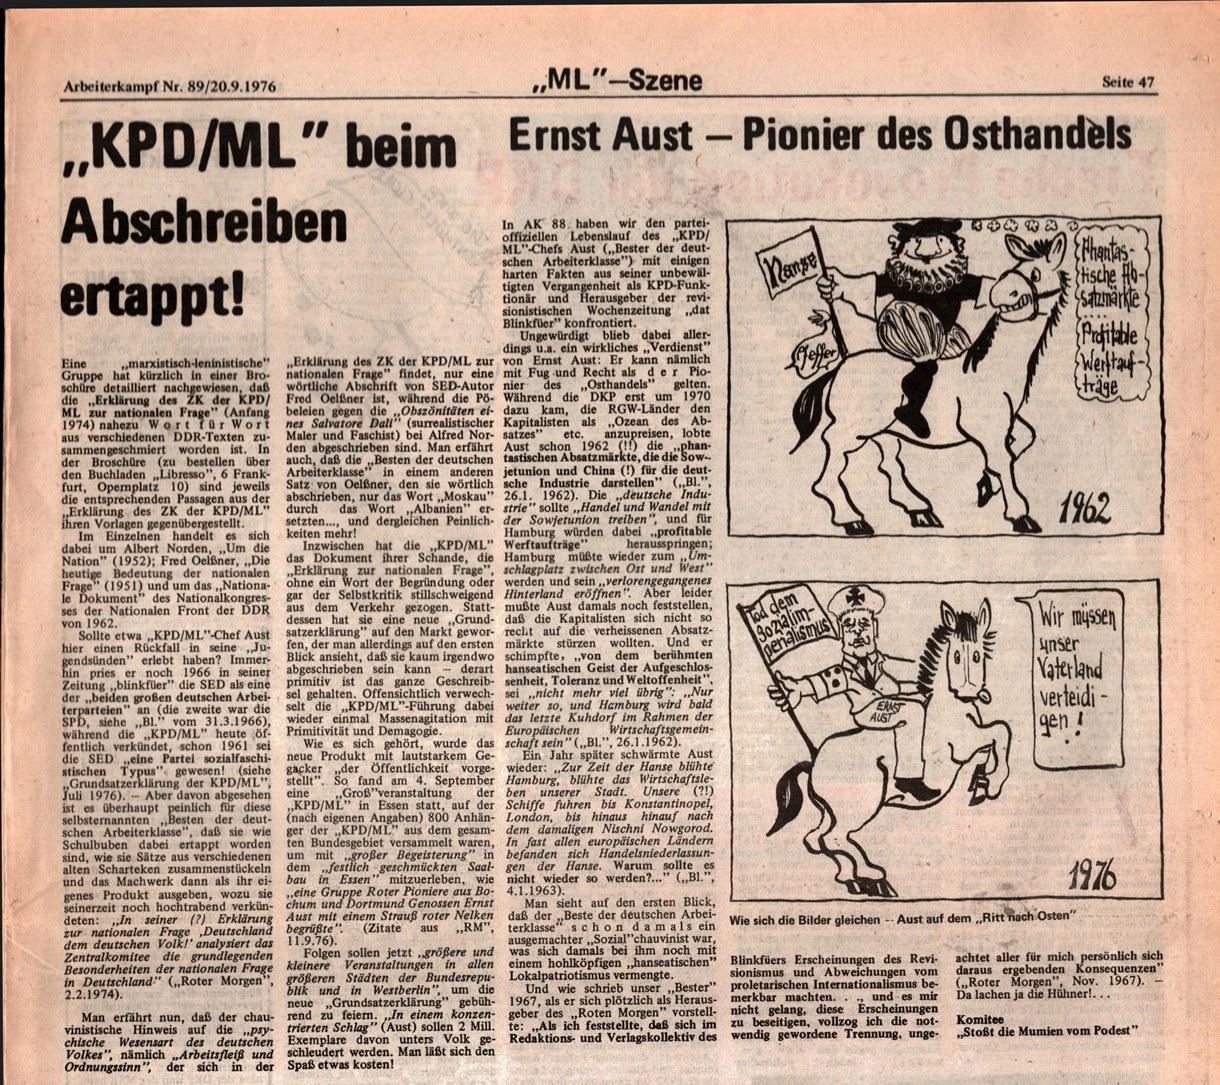 KB_AK_1976_089_093